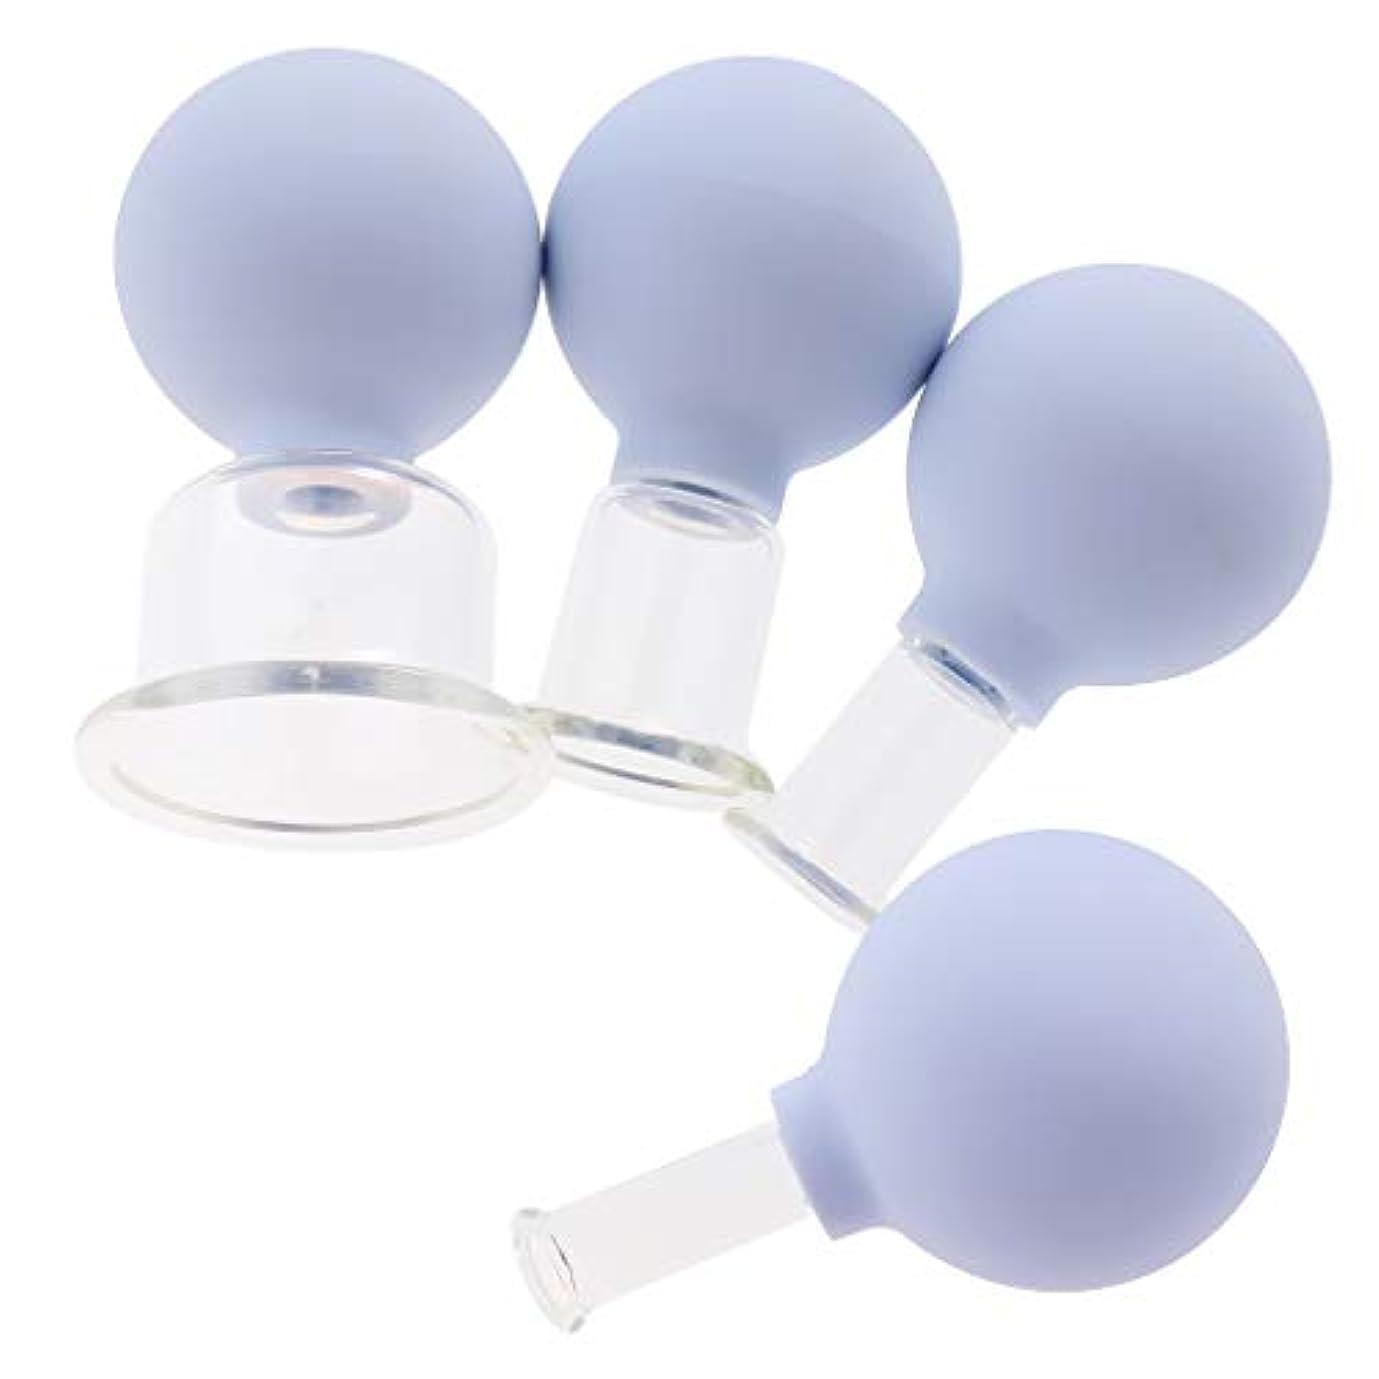 偏差ひばりチャンスCUTICATE 全3色 マッサージカップ ガラスカッピング 吸い玉 マッサージ カッピングセット 4個入 - 白